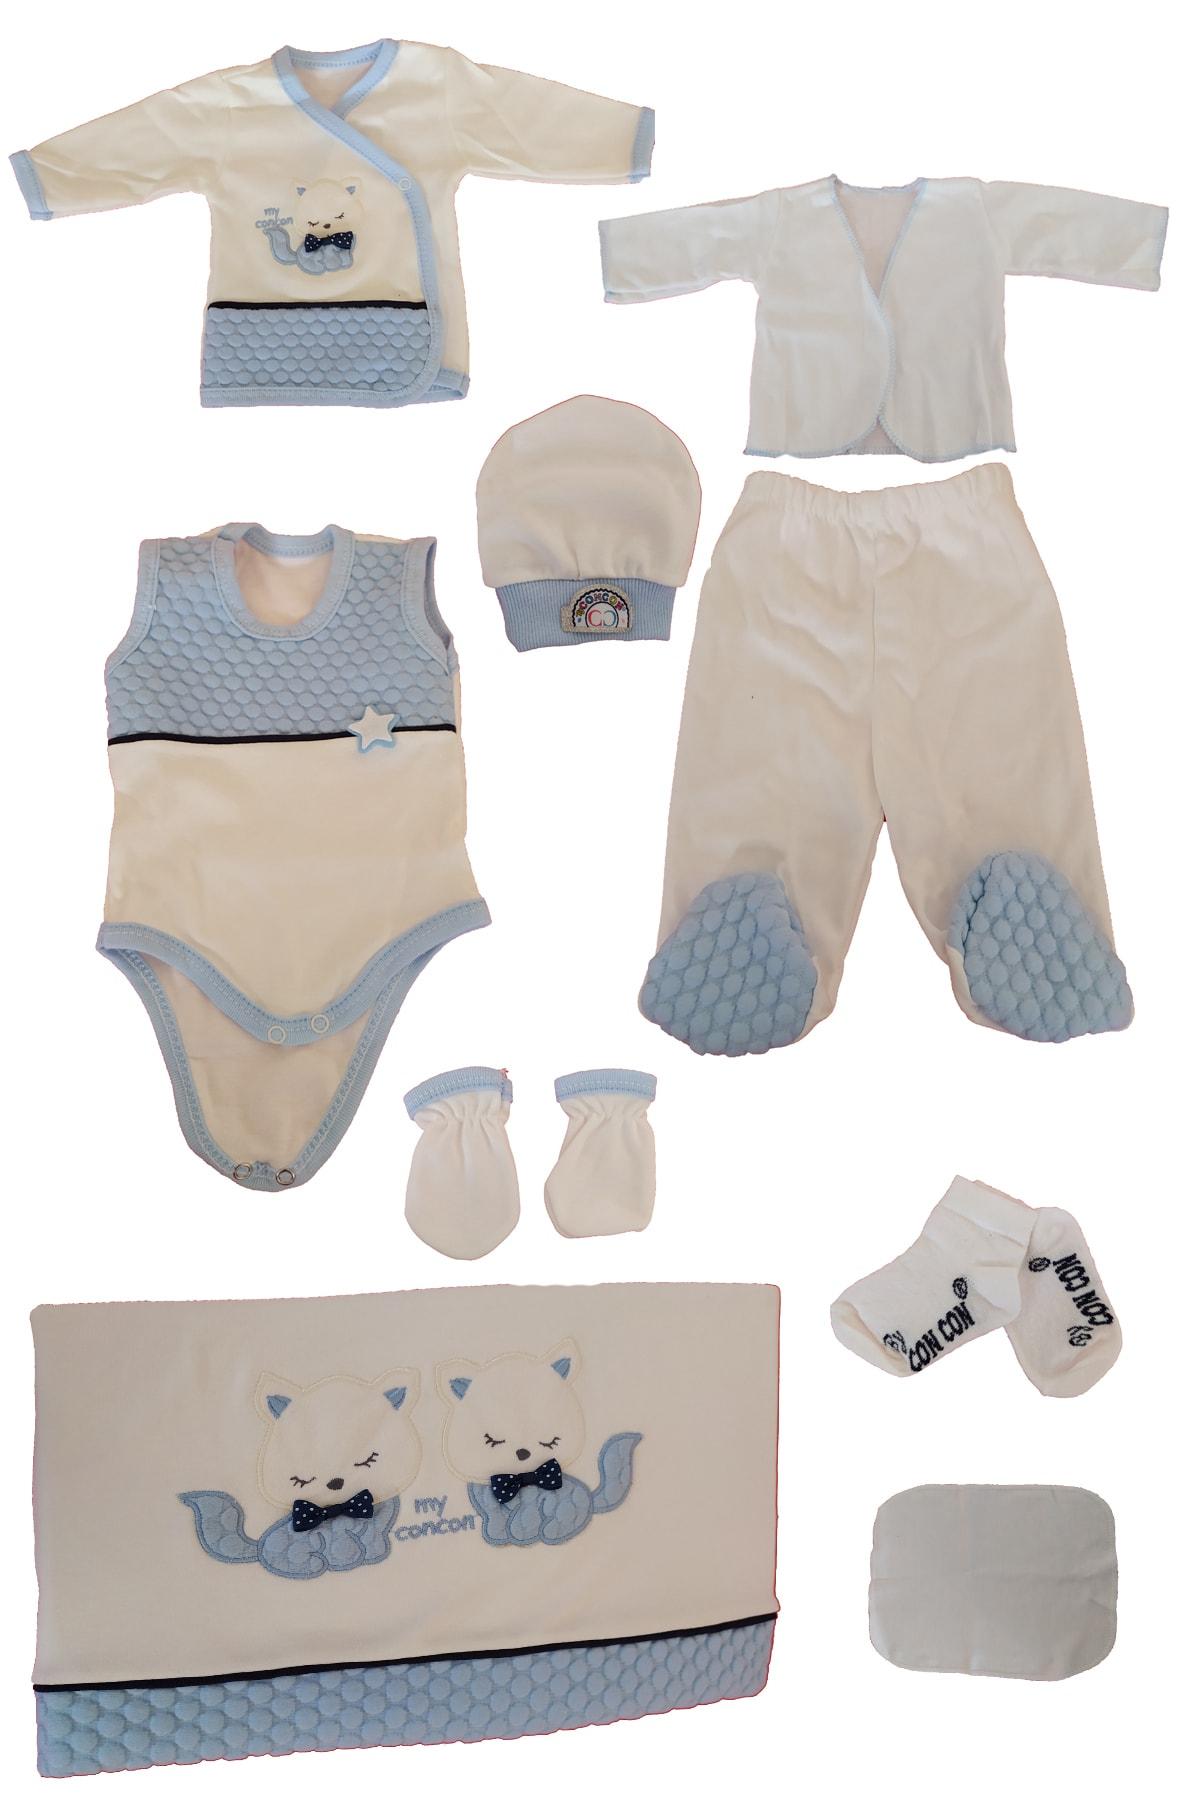 TangModa Yeni Doğan Mavi 0 Ila 3 Ay Hediyelik Erkek Bebek Kıyafeti 10 Parça Hastane Çıkışı 2